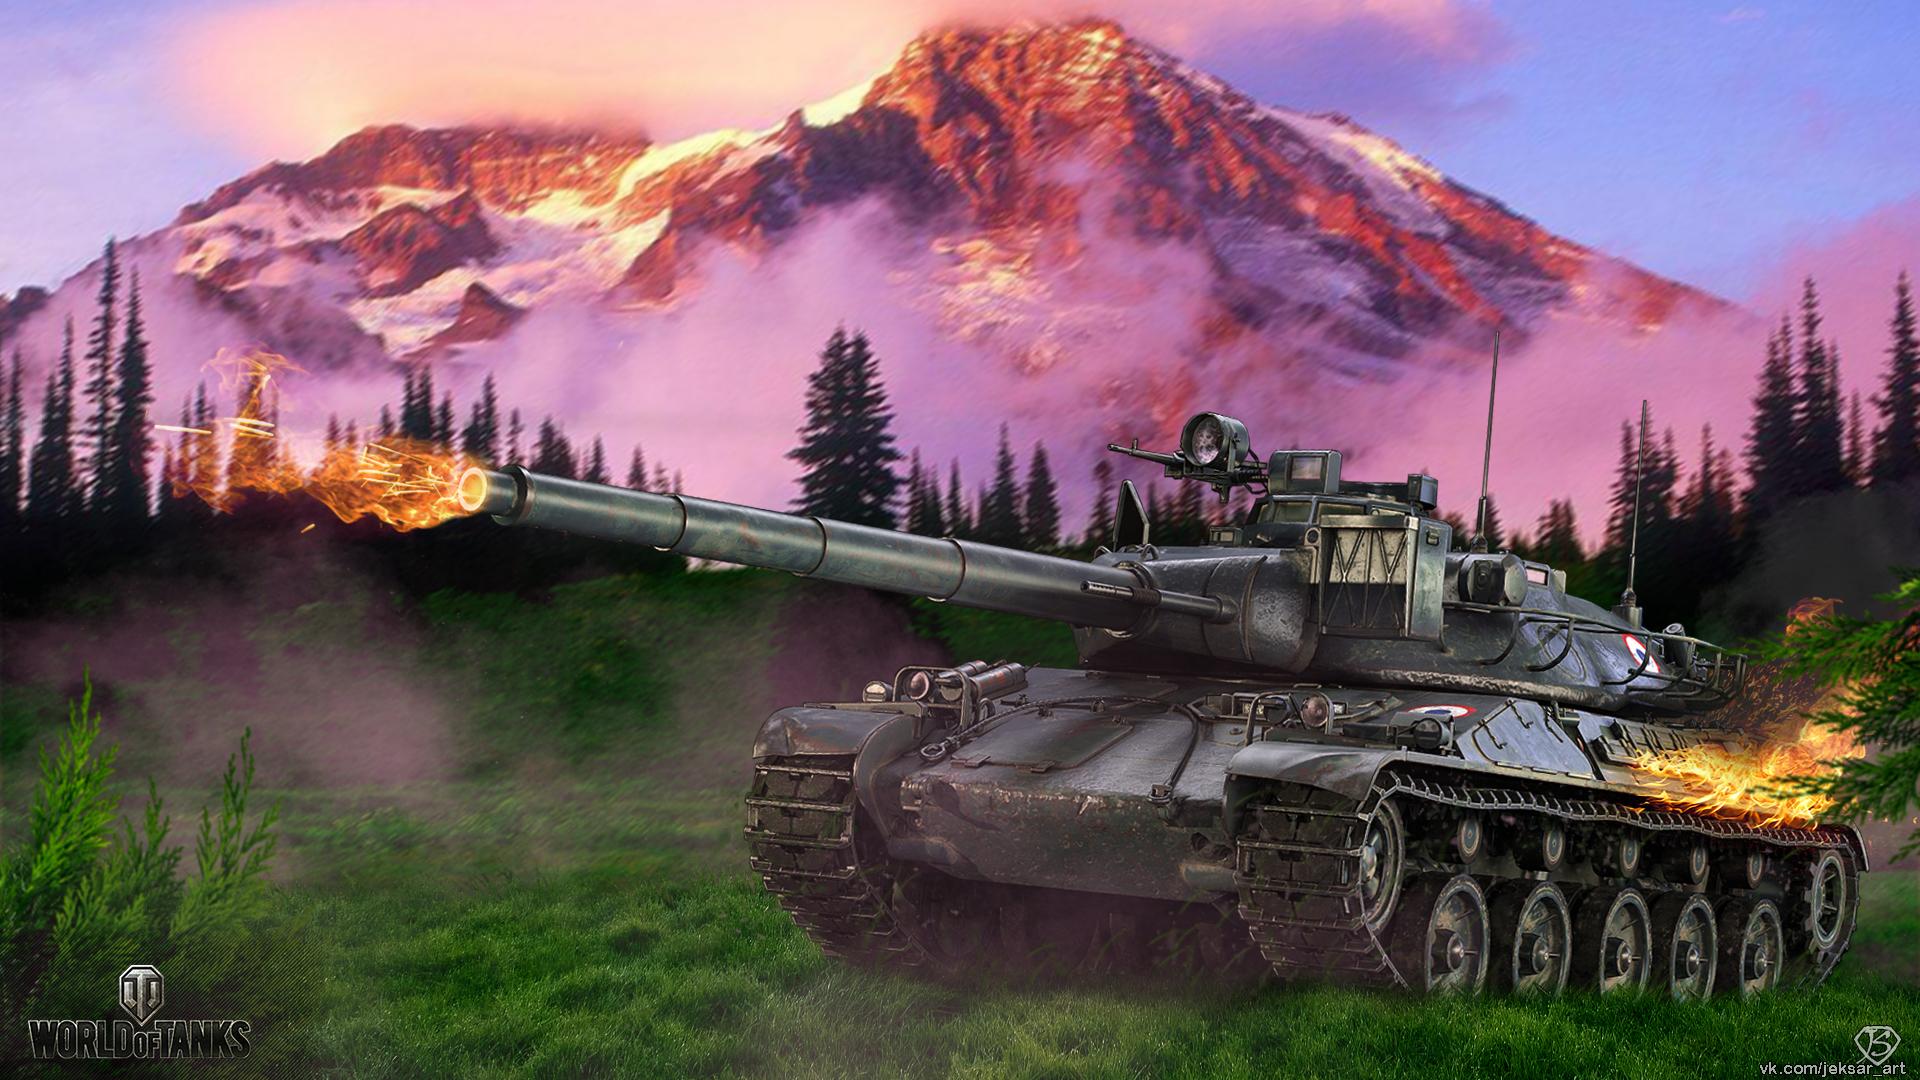 фон картинки для мира танков раз заявляла